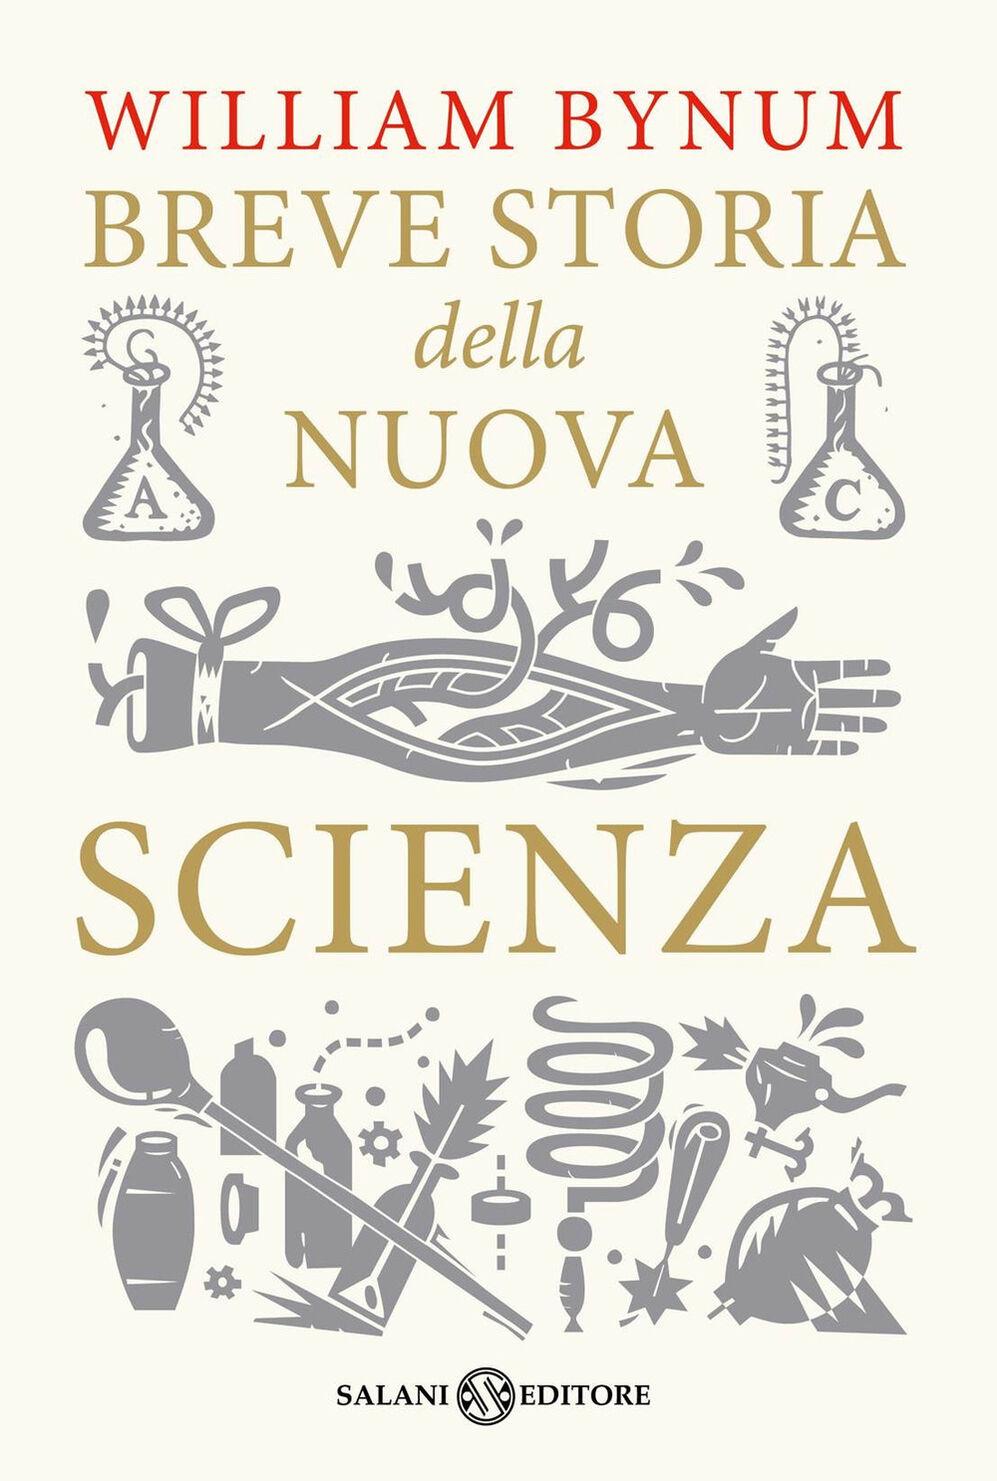 Breve storia della nuova scienza